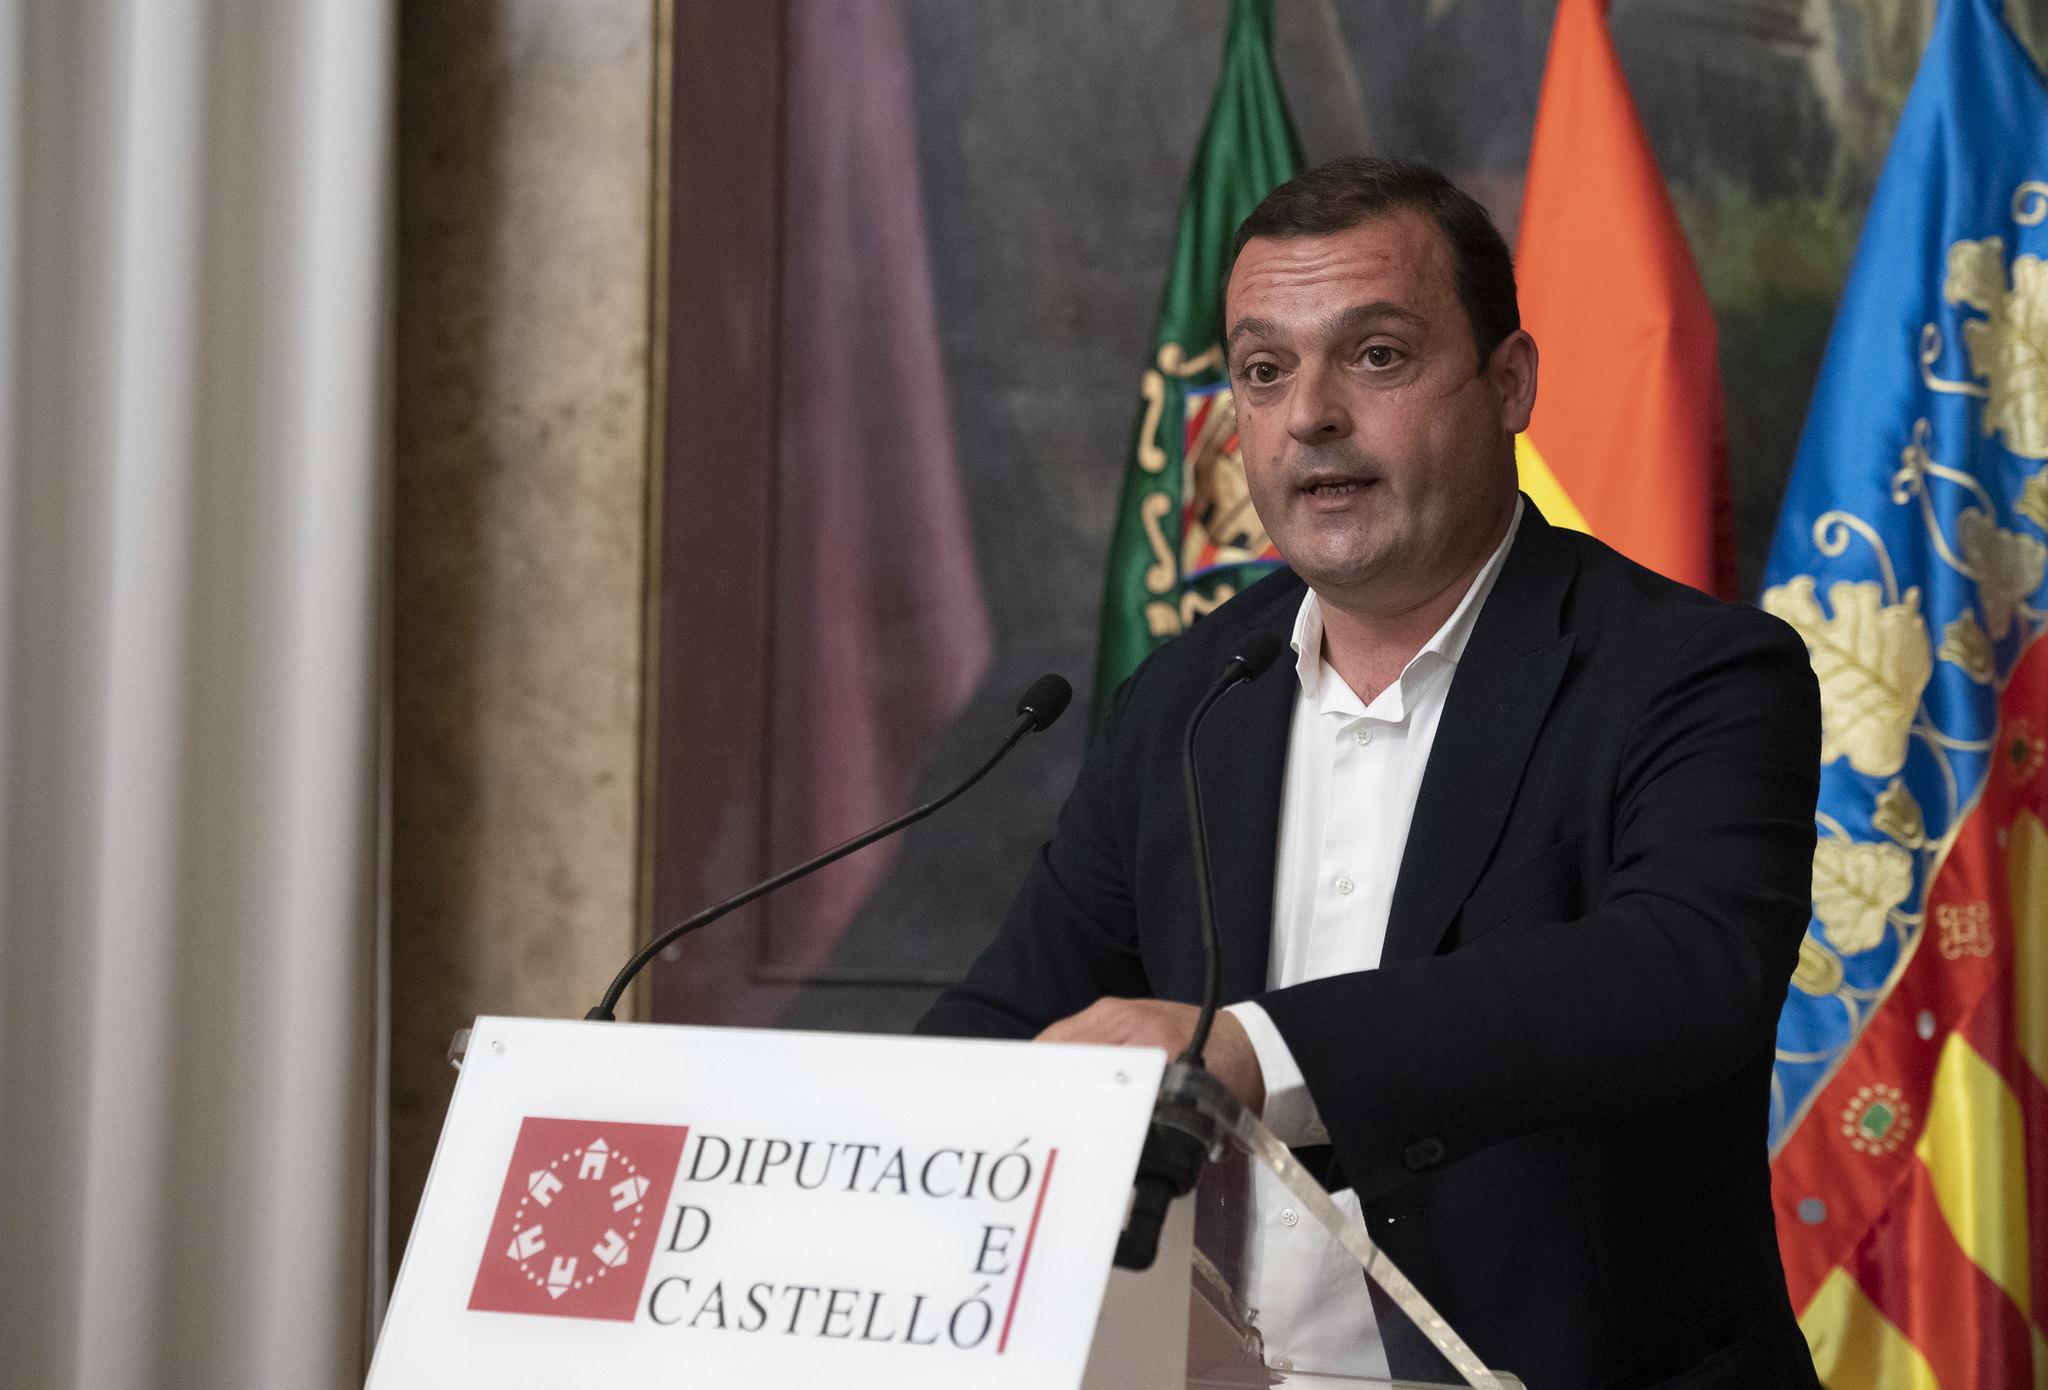 El PP lamenta que PSOE i Compromís 'es posen de perfil' en la proposta de recuperar les rodalies